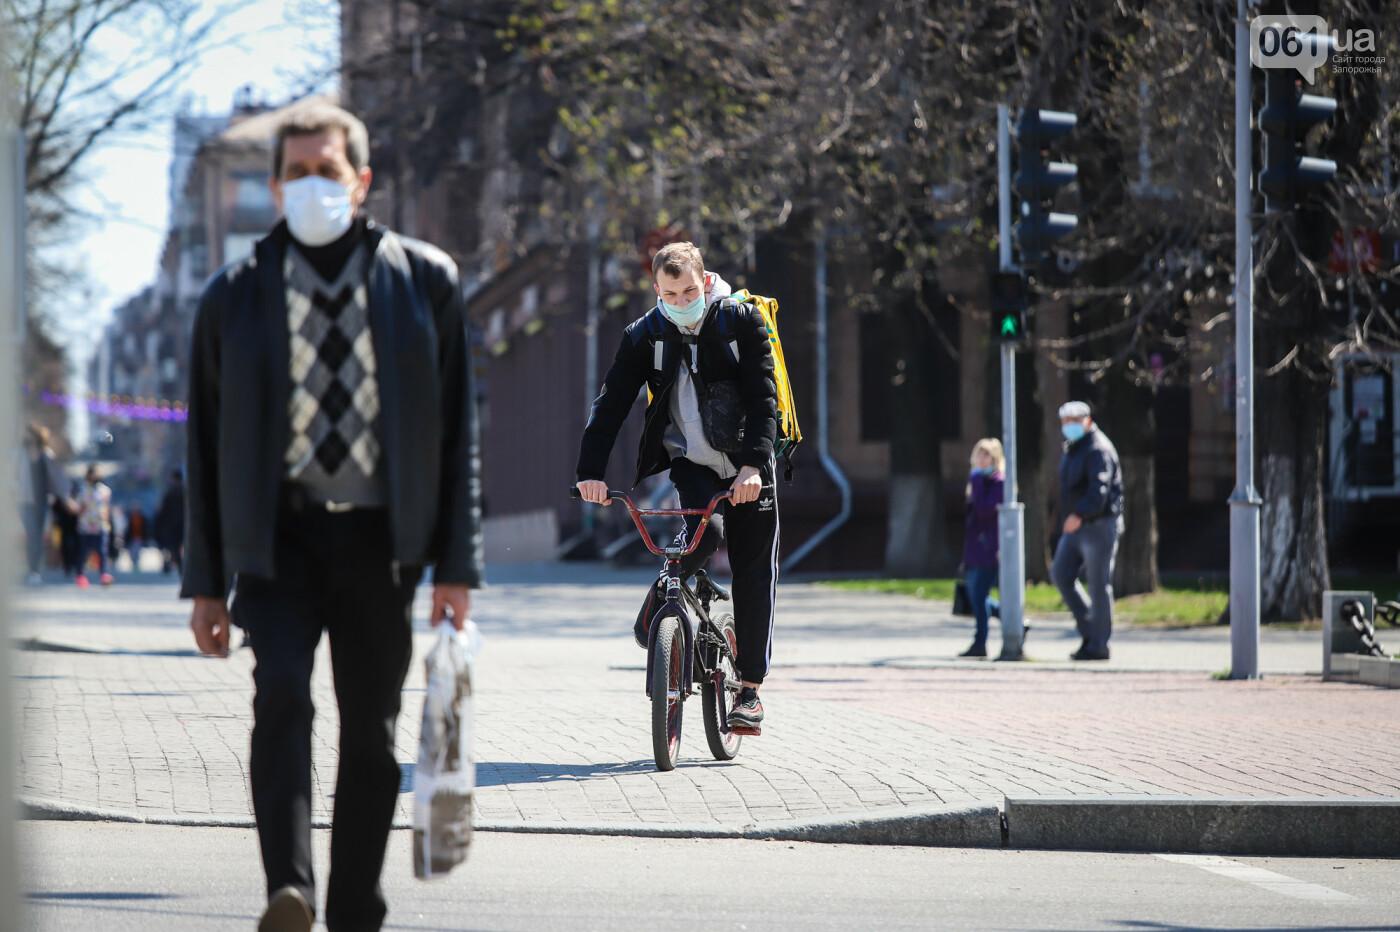 Вход только в масках: как выглядит Запорожье на карантине, - ФОТОРЕПОРТАЖ, фото-1